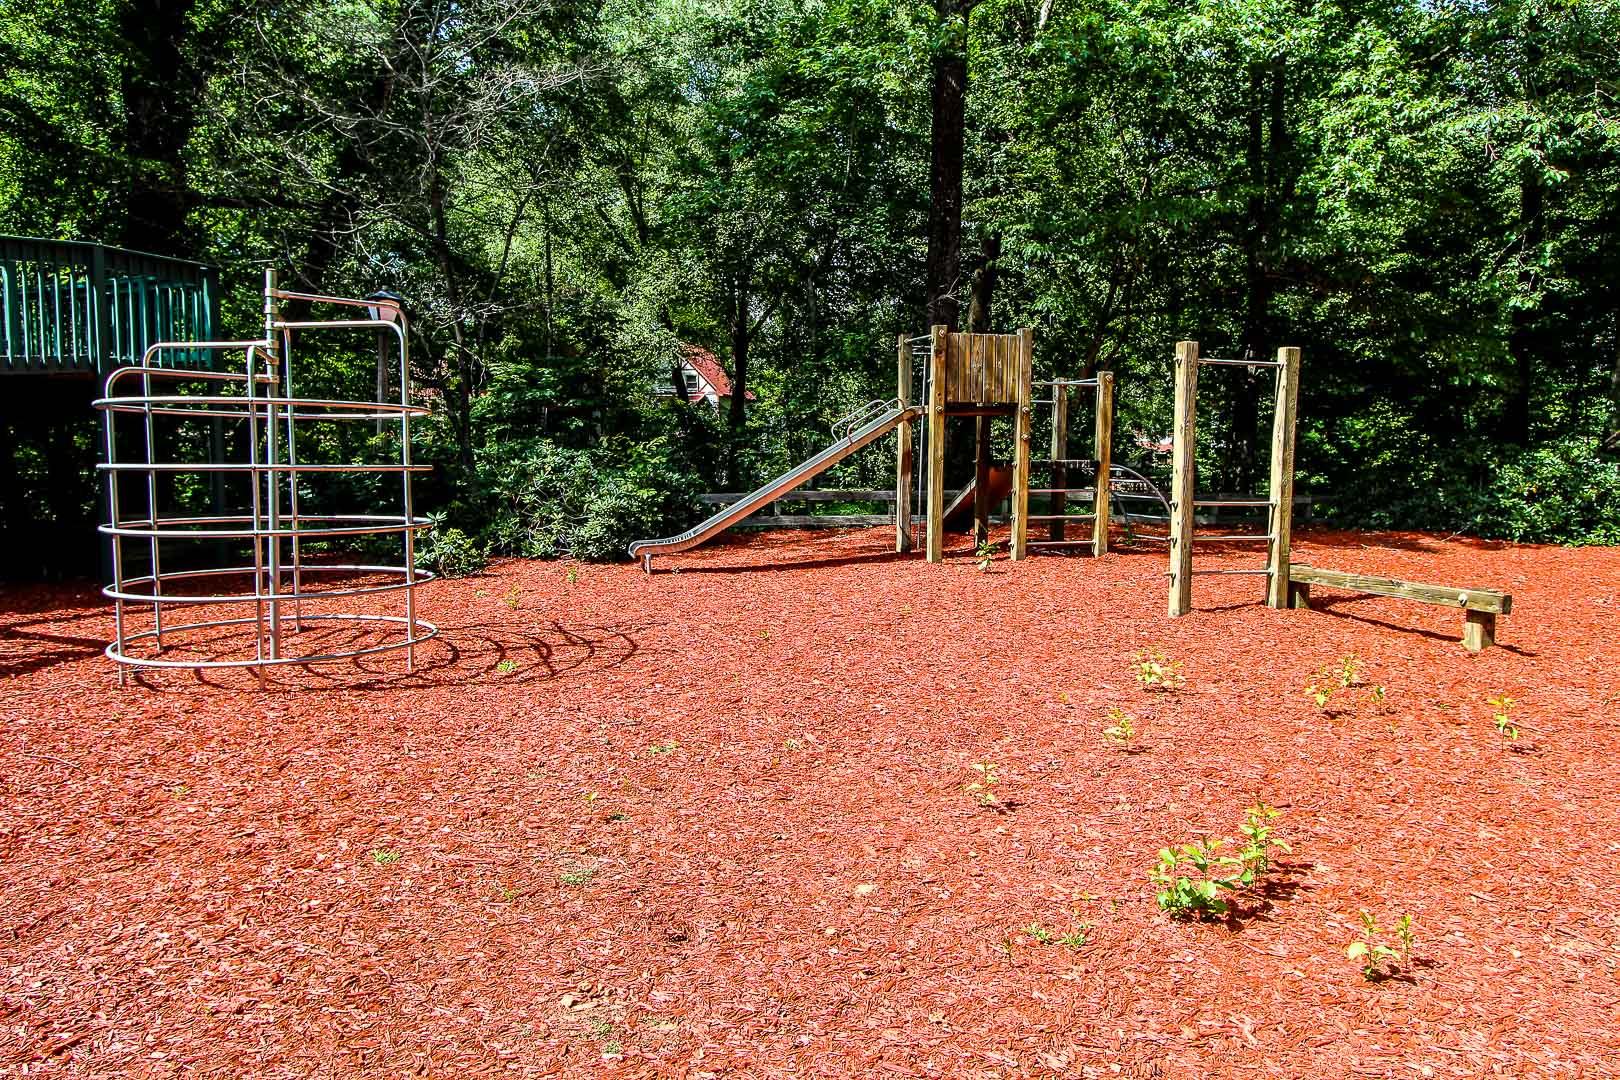 An expansive children's playground at VRI's Alpine Crest Resort in Georgia.